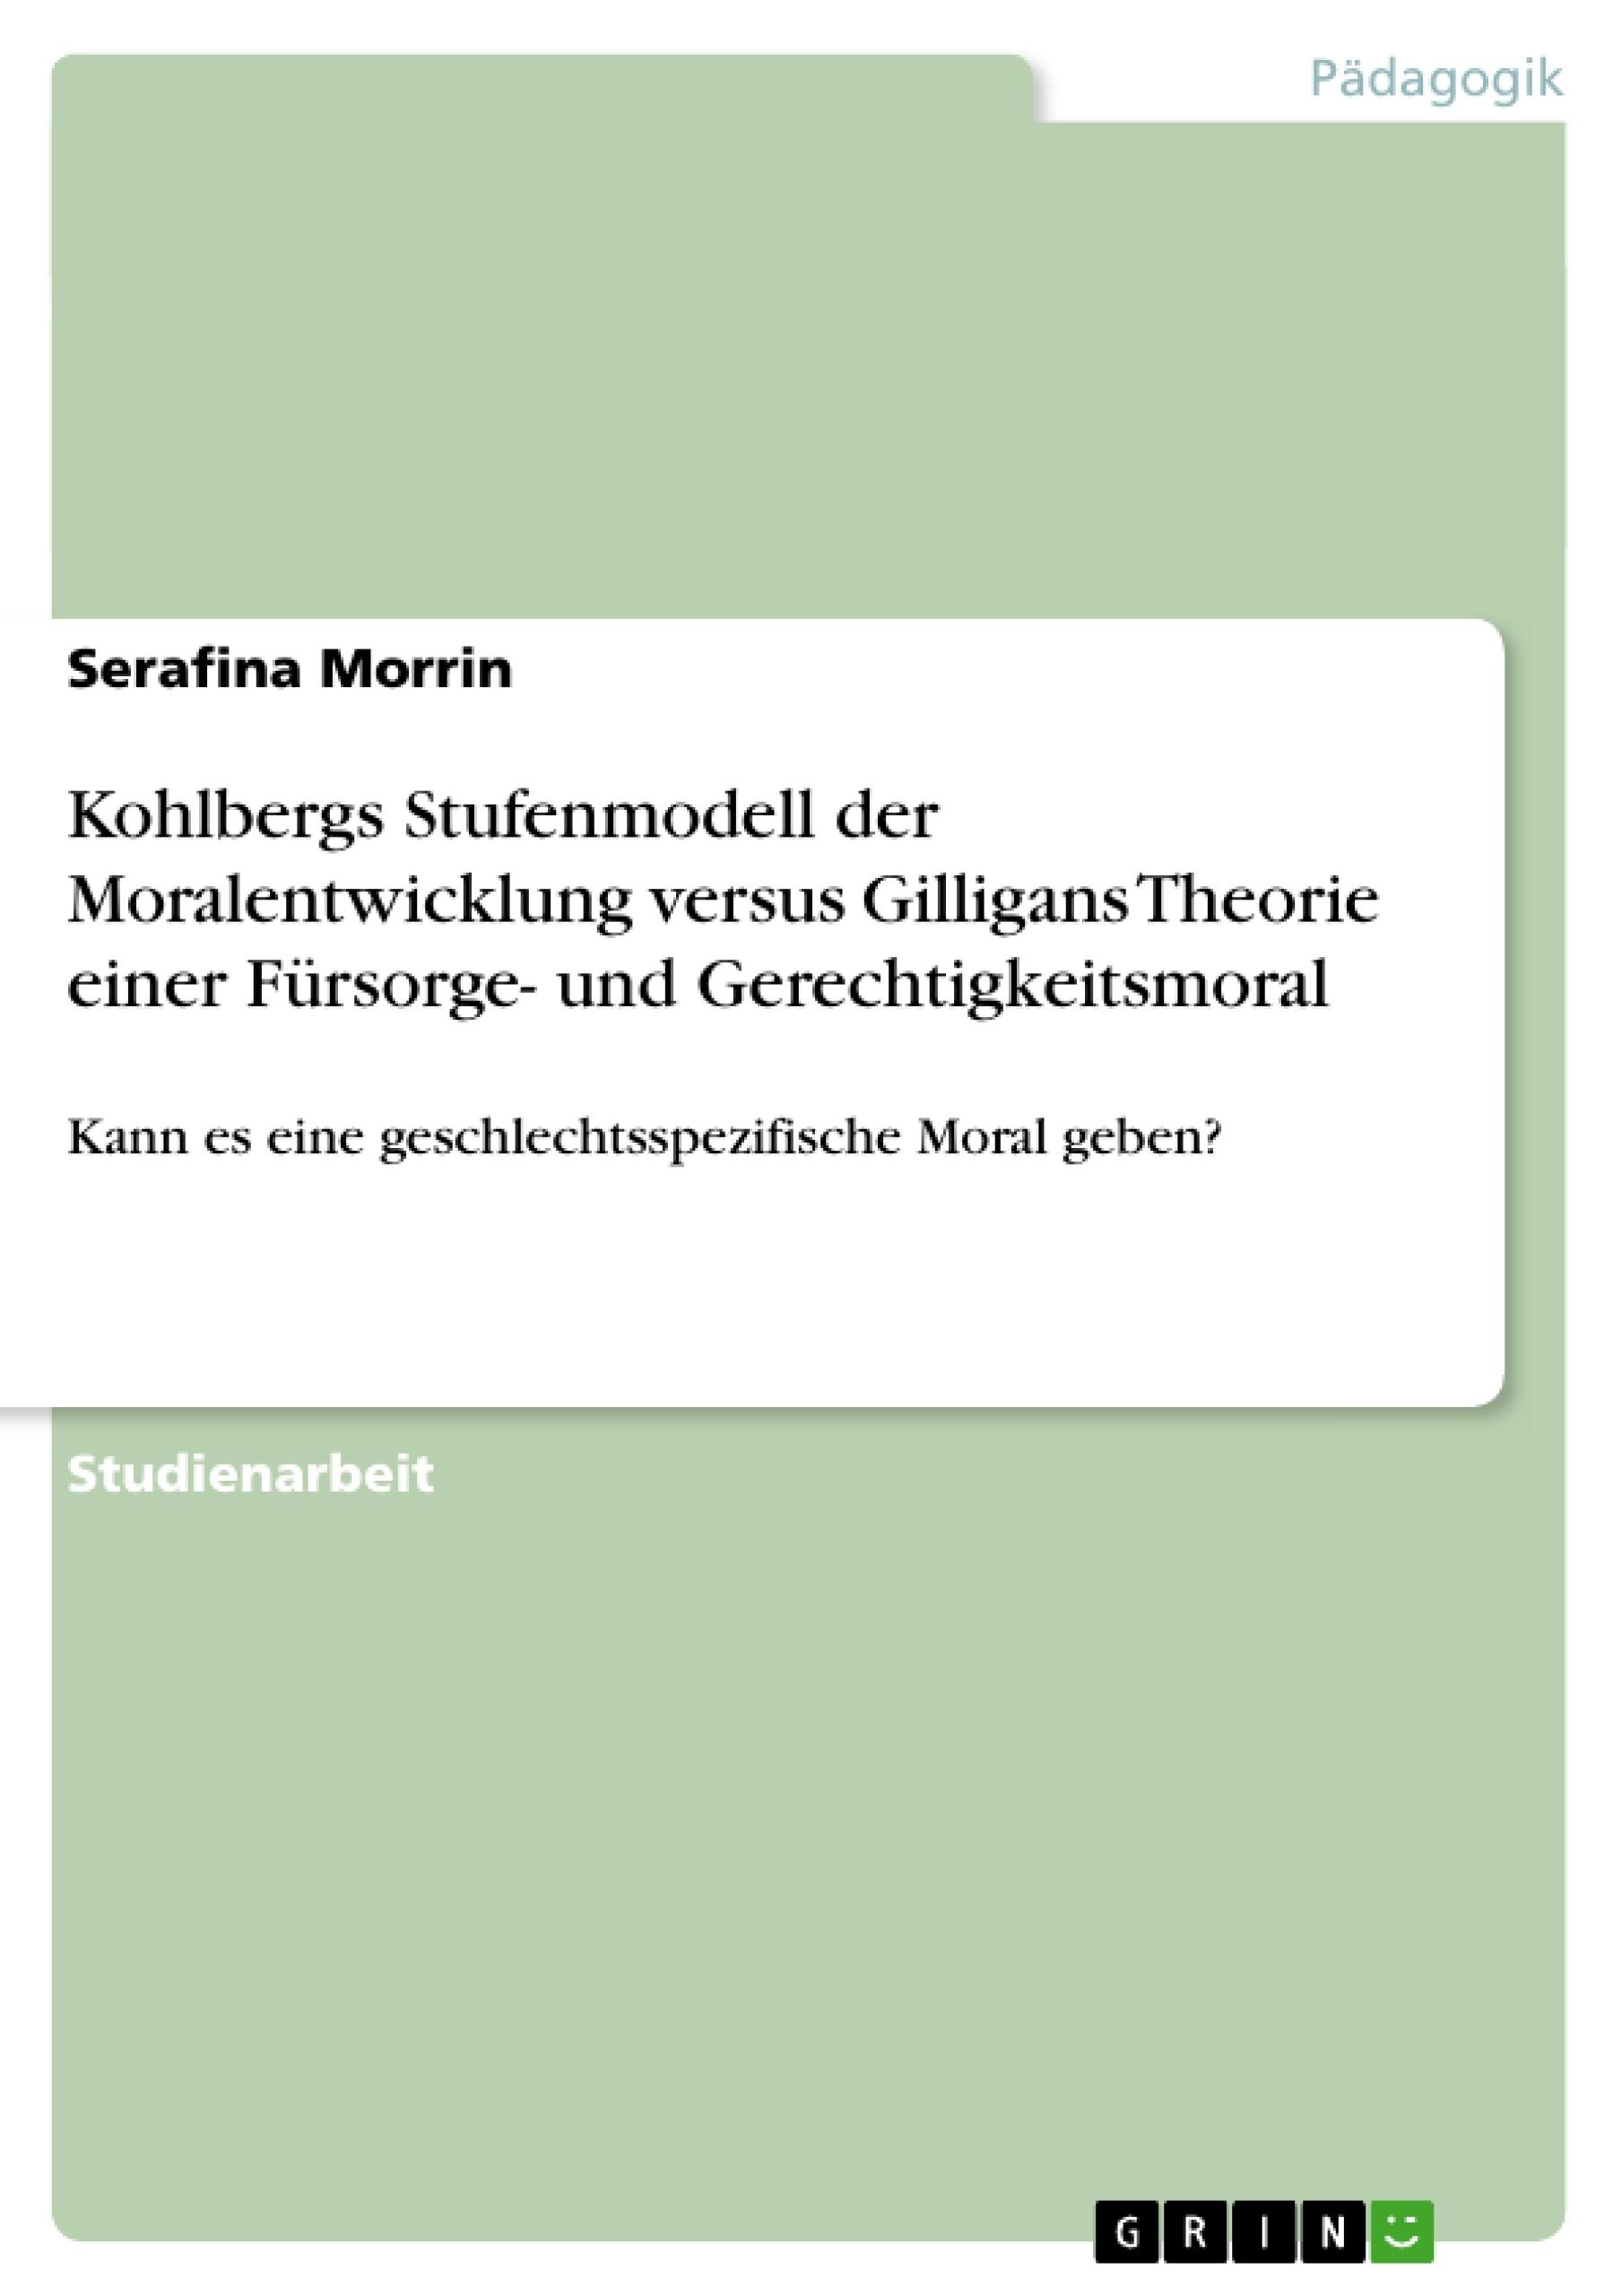 Titel: Kohlbergs Stufenmodell der Moralentwicklung versus Gilligans Theorie einer Fürsorge- und Gerechtigkeitsmoral